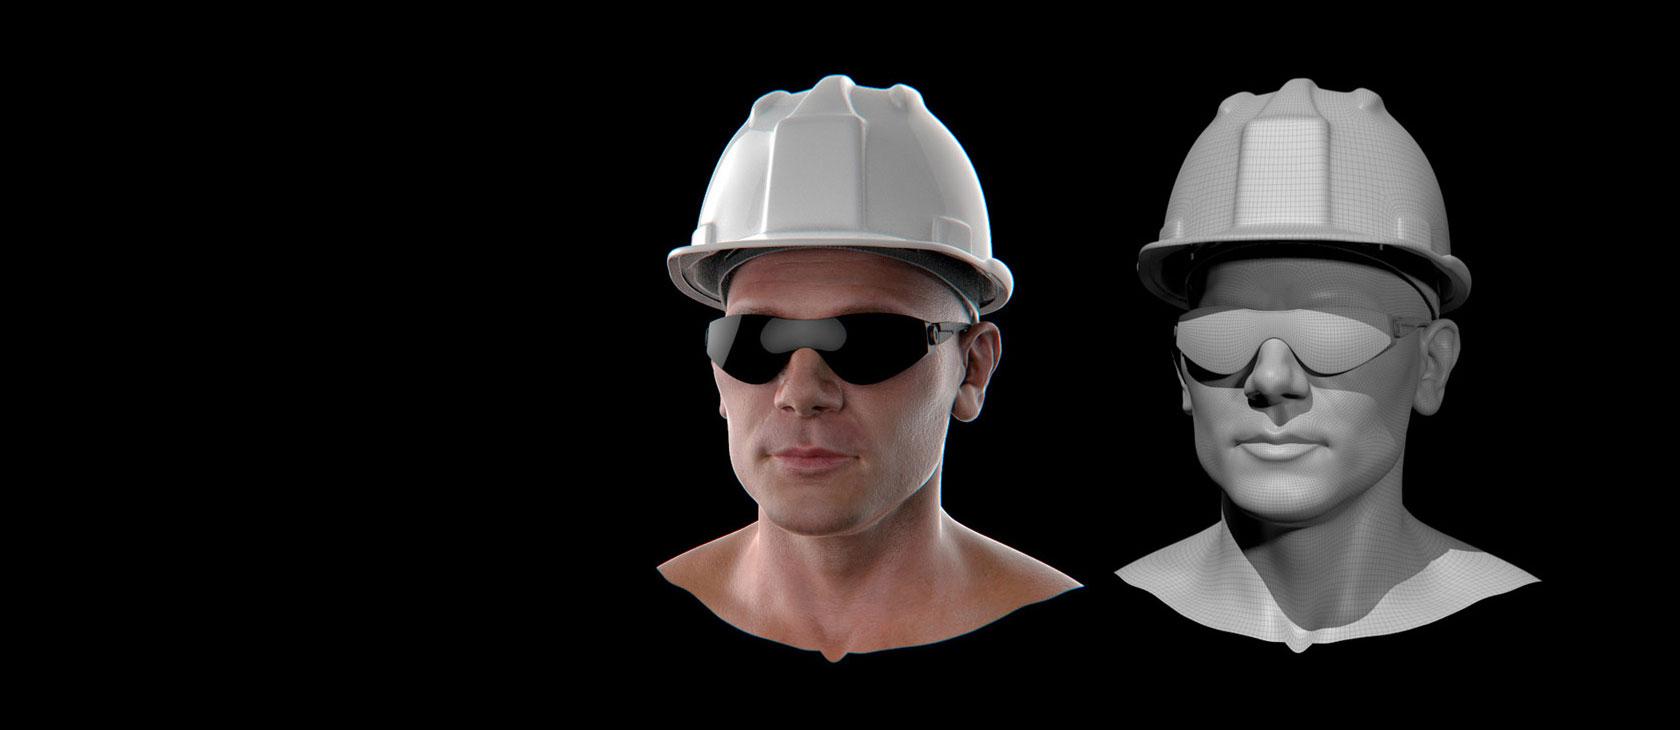 Pripravovali sme medzinárodnú kampaň spoločnosti GCE s využitím 3D modelovania a animácie